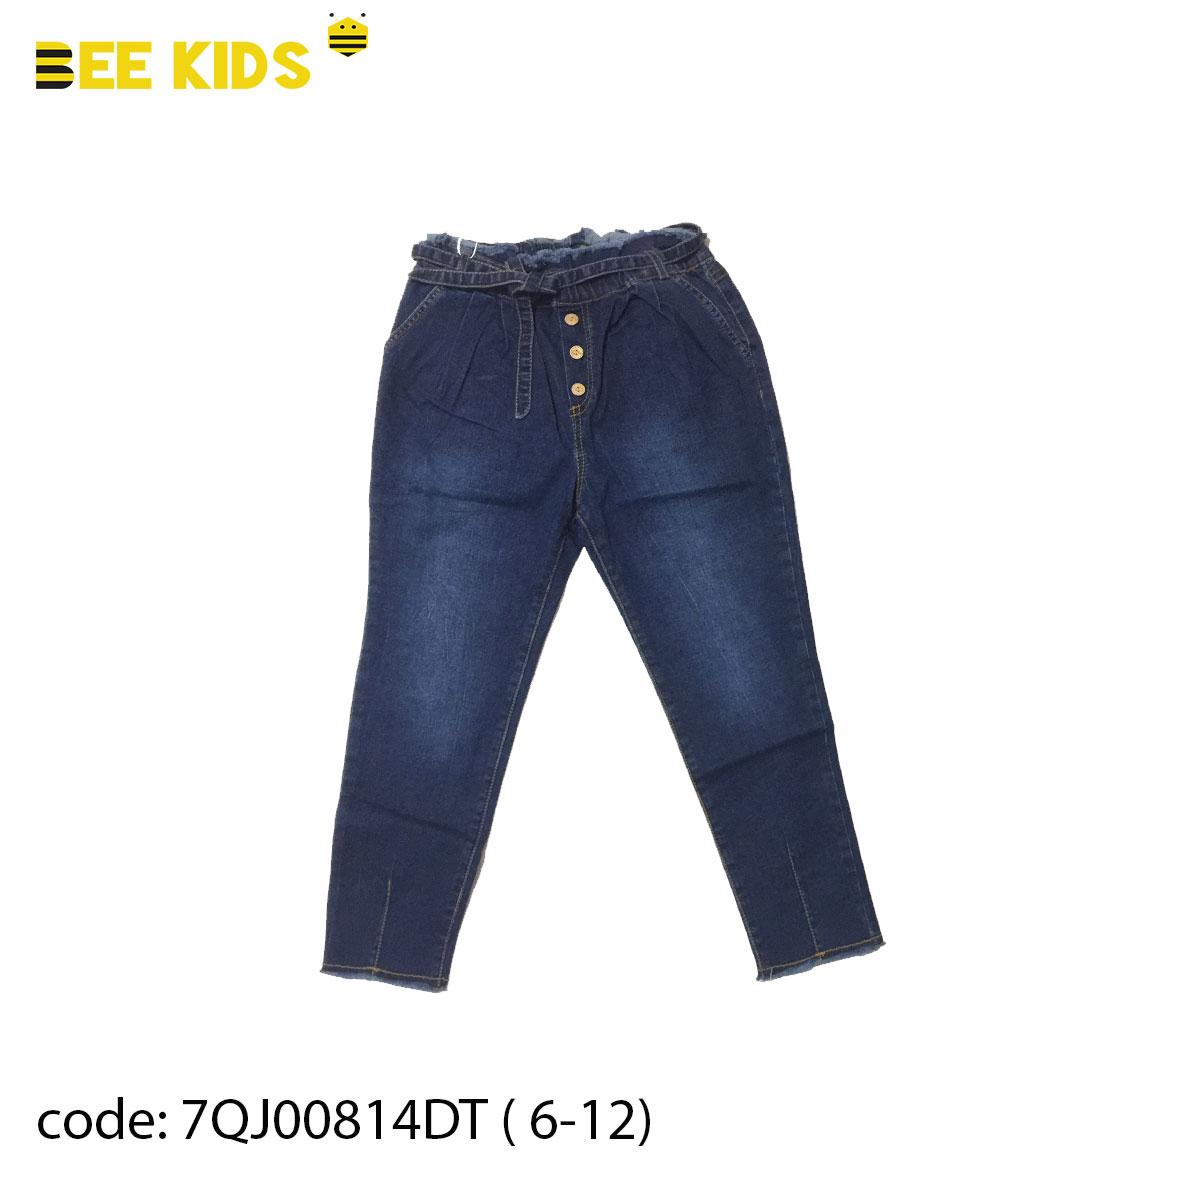 Quần Jeans phong cách 3 cúc bé gái từ 6 đến 12 tuổi